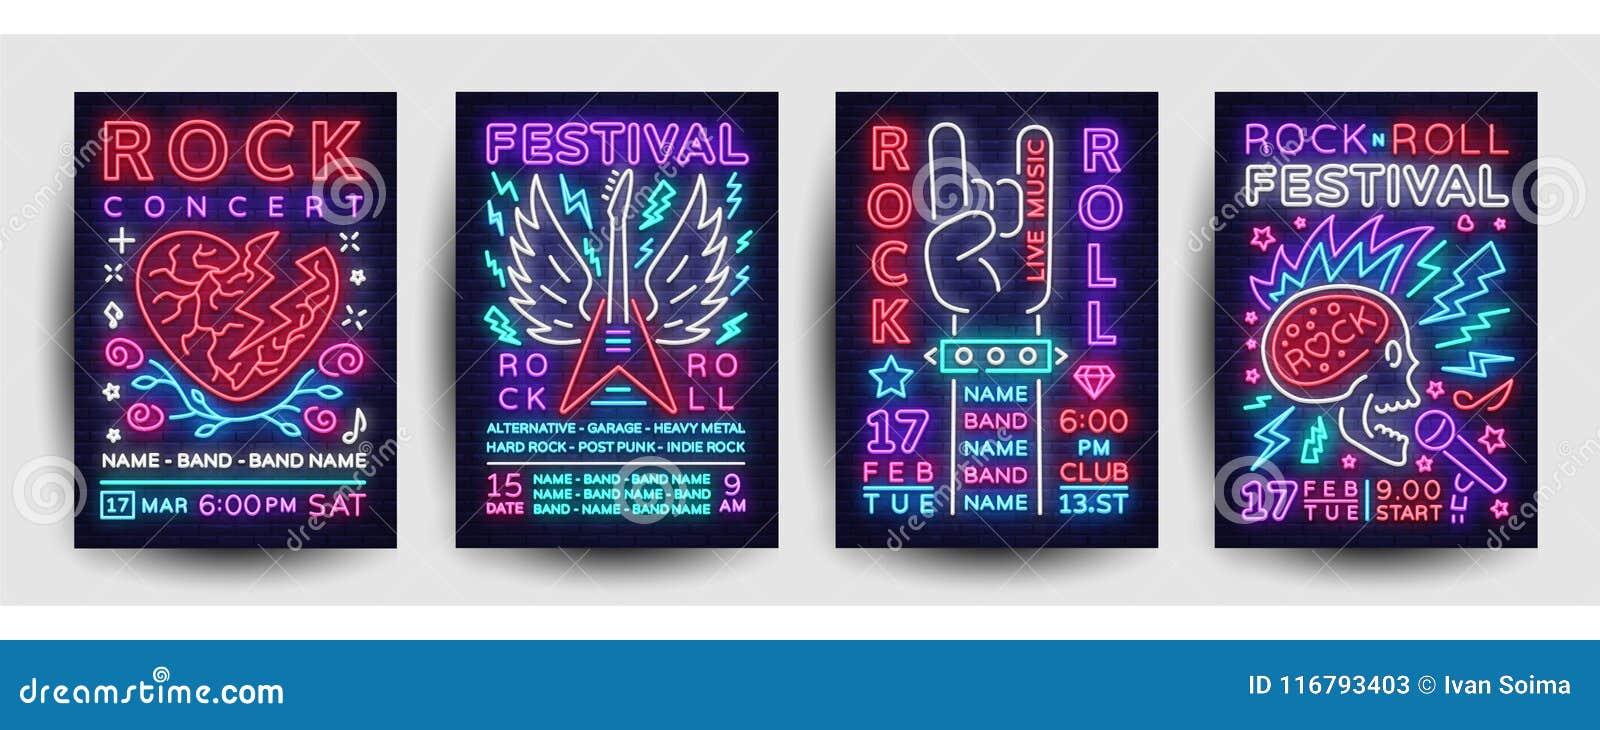 Διάνυσμα συλλογής αφισών συναυλίας μουσικής ροκ Ιπτάμενα φεστιβάλ μουσικής ροκ προτύπων σχεδίου καθορισμένα, ύφος νέου, έμβλημα ν